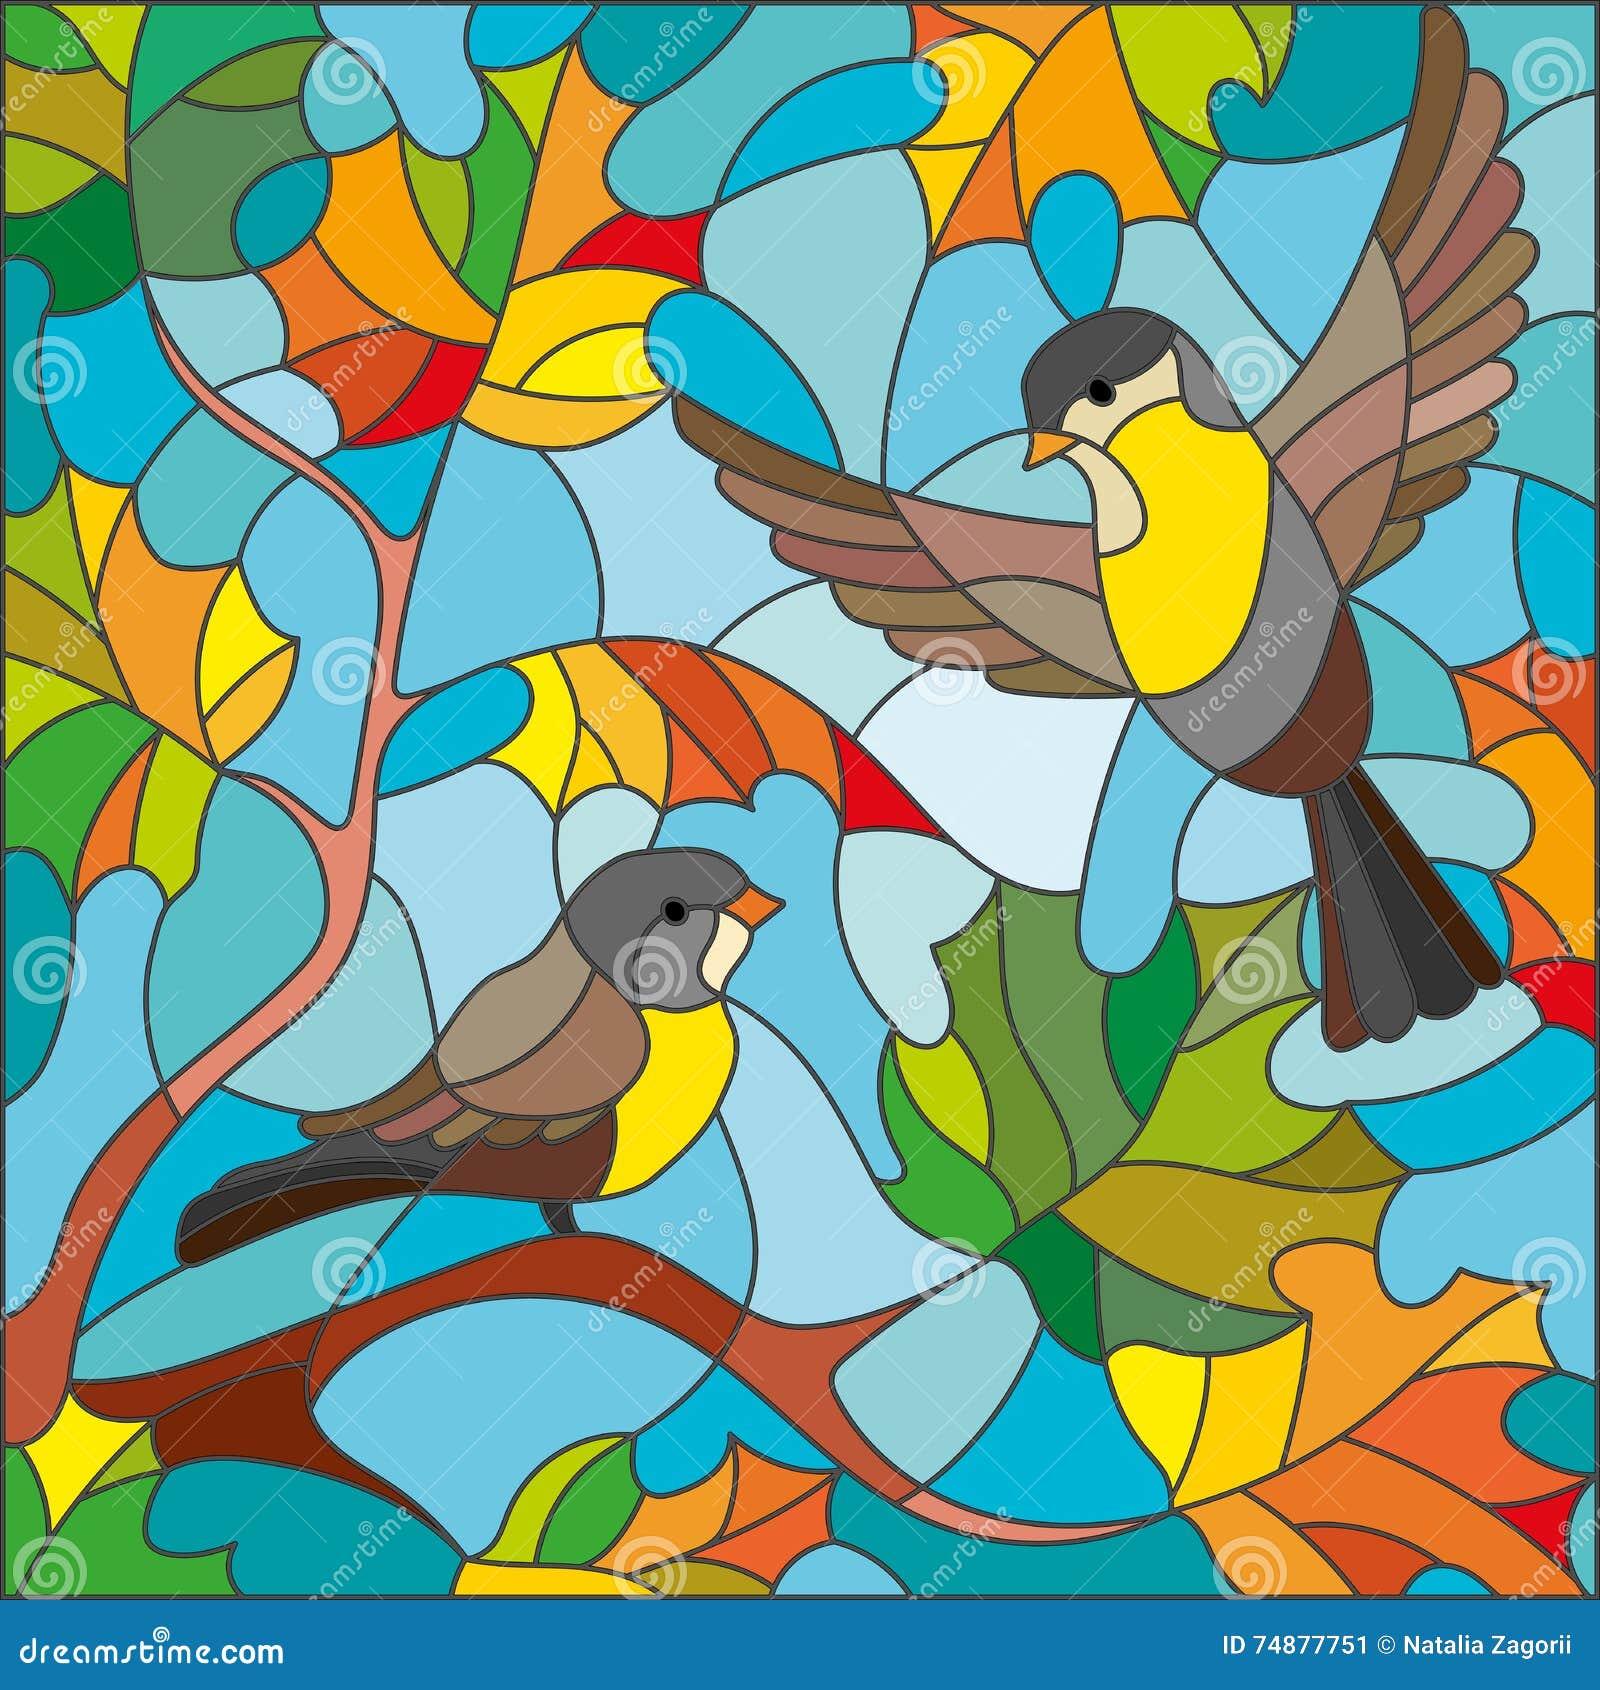 Μια λεκιασμένη απεικόνιση γυαλιού στο θέμα του φθινοπώρου, δύο Tits και κιτρινισμένα φύλλα σφενδάμου